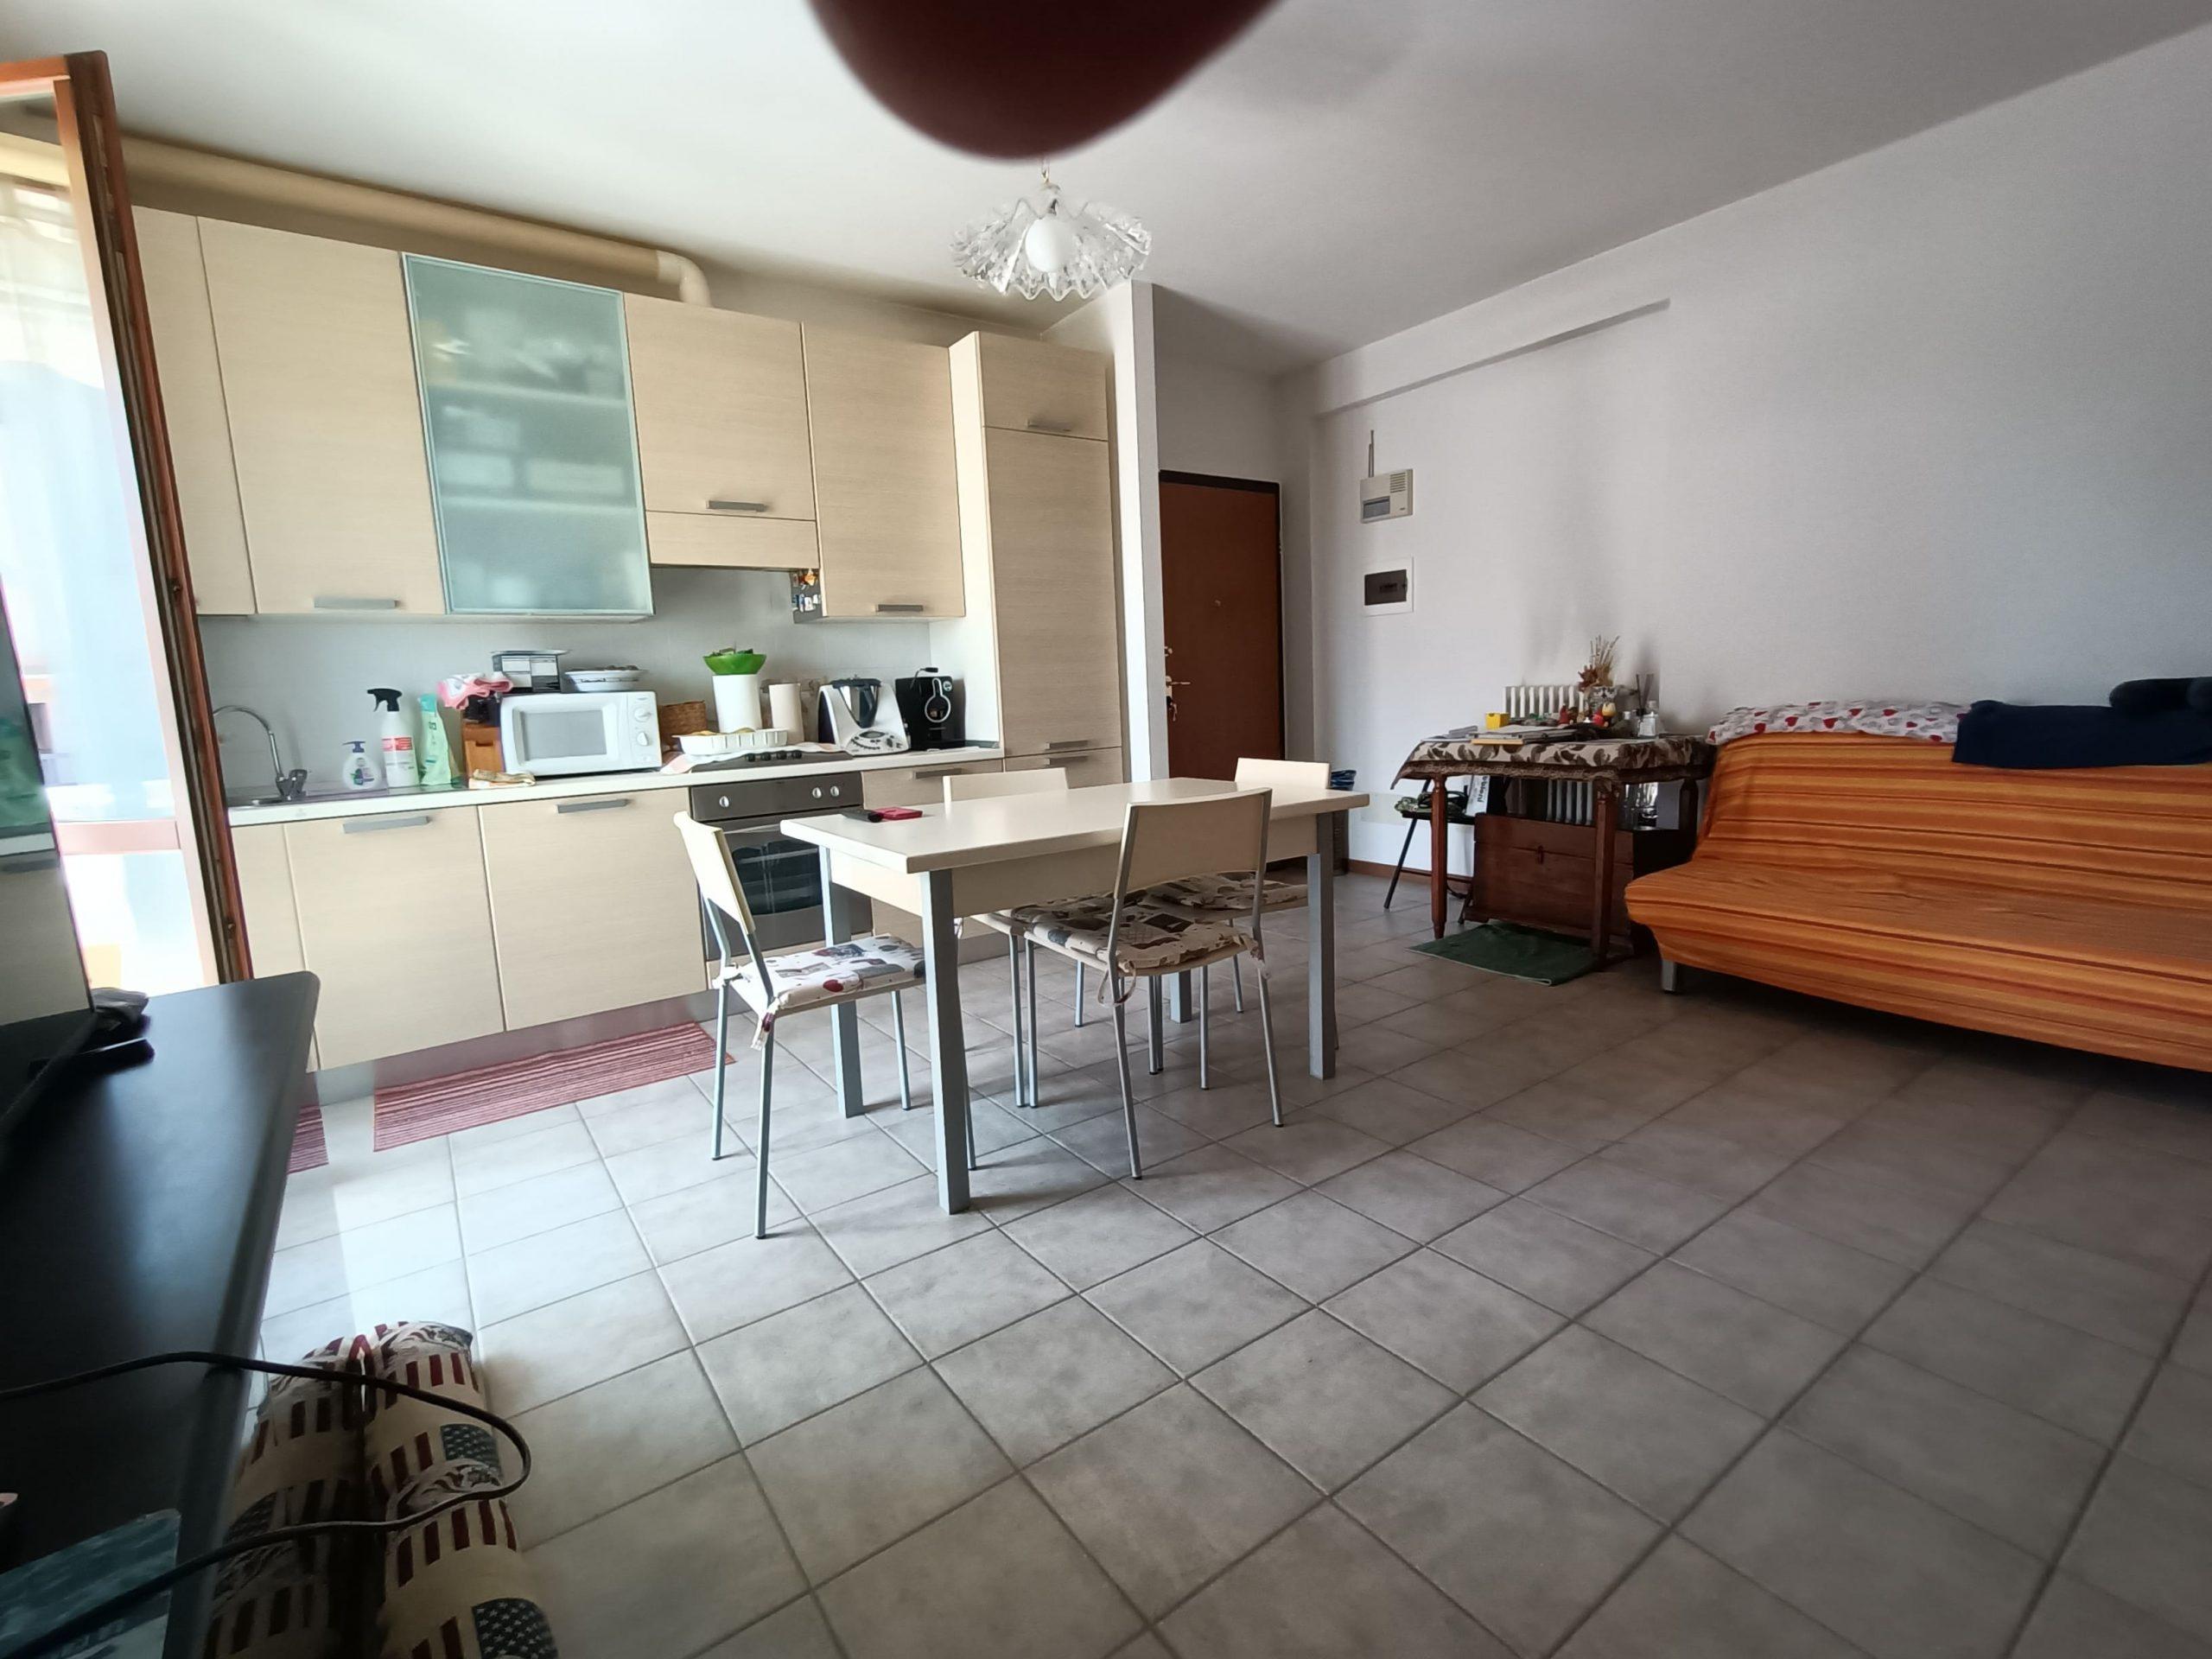 GRAZIOSO BILOCALE € 84.000 CastelBolognese